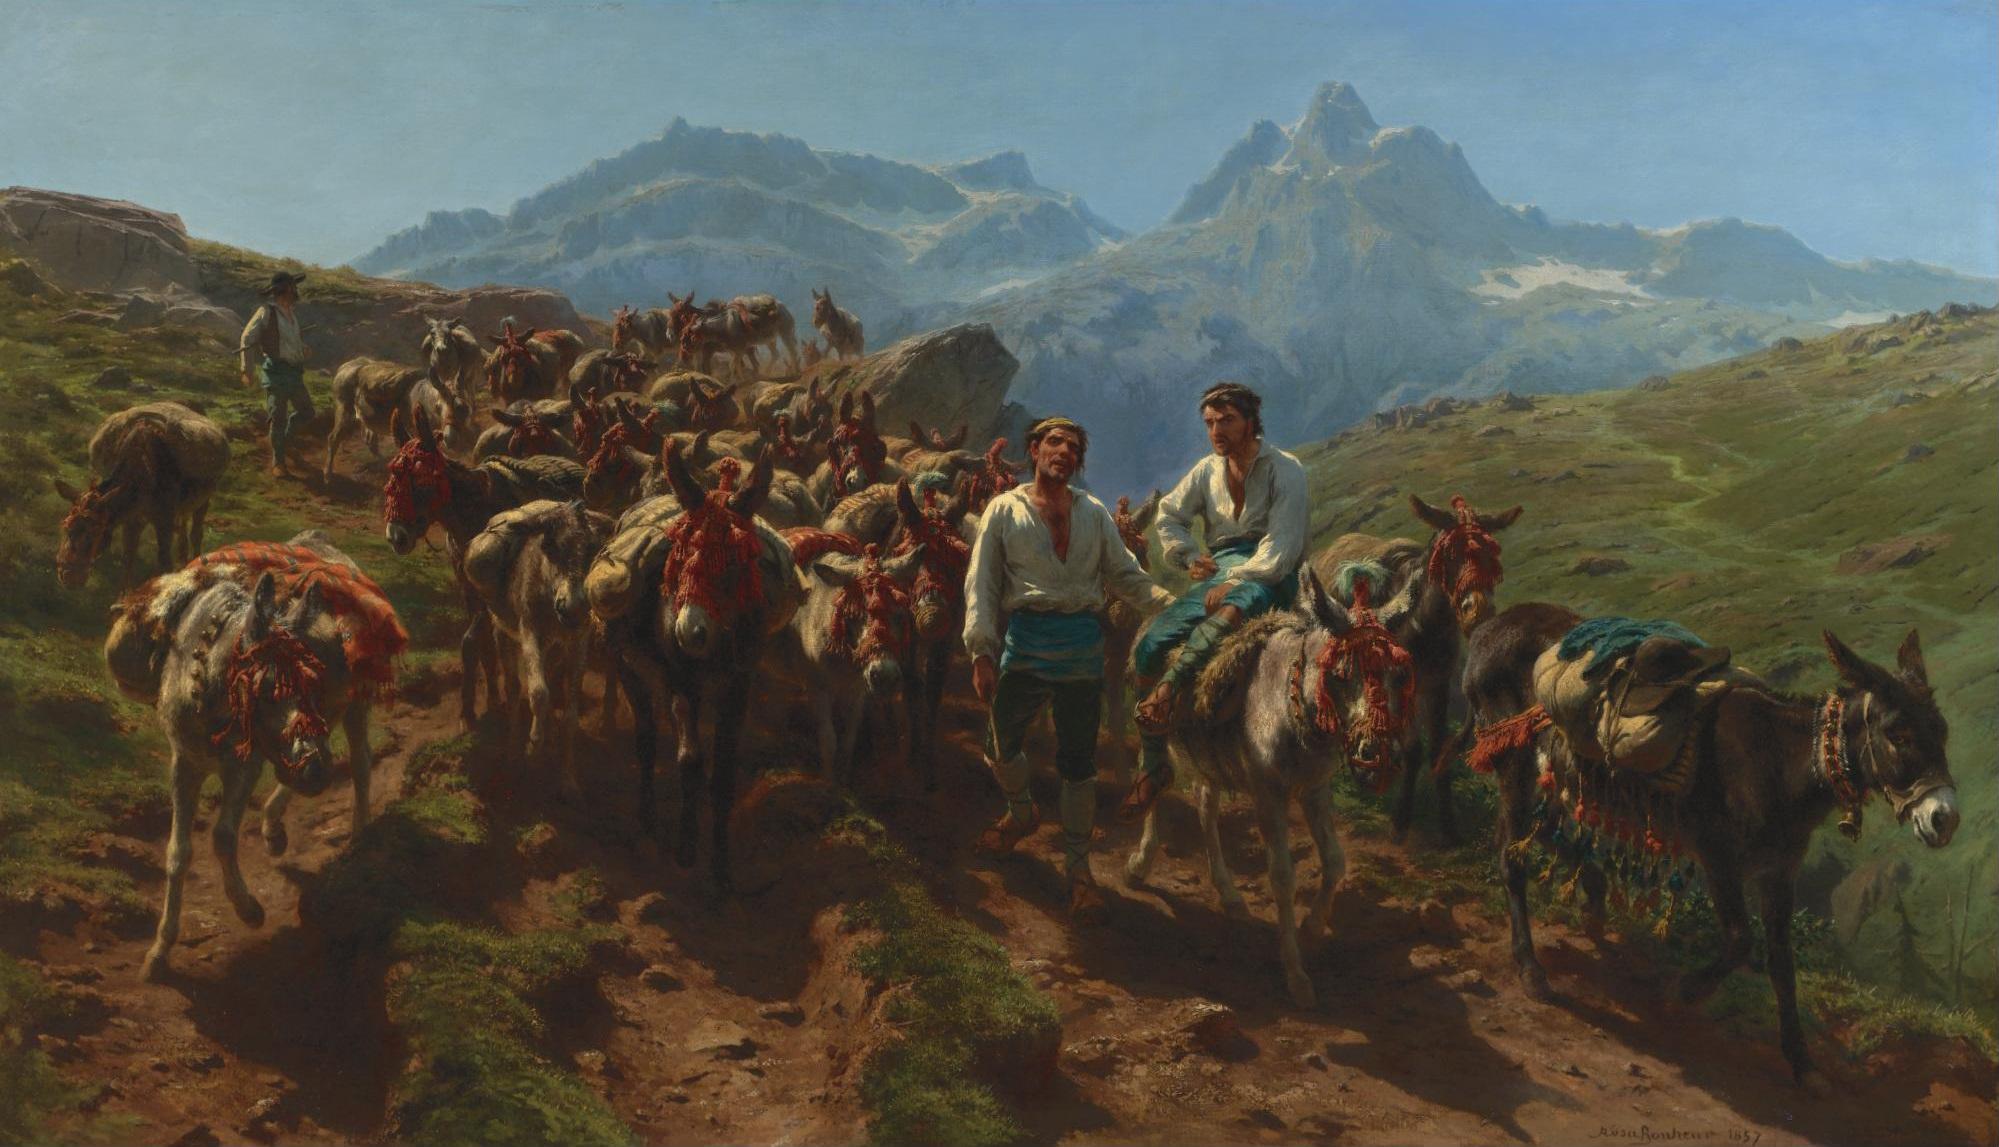 Muletiers espagnols traversent les Pyrénées - Rosa Bonheur, 1875 - Dominio público